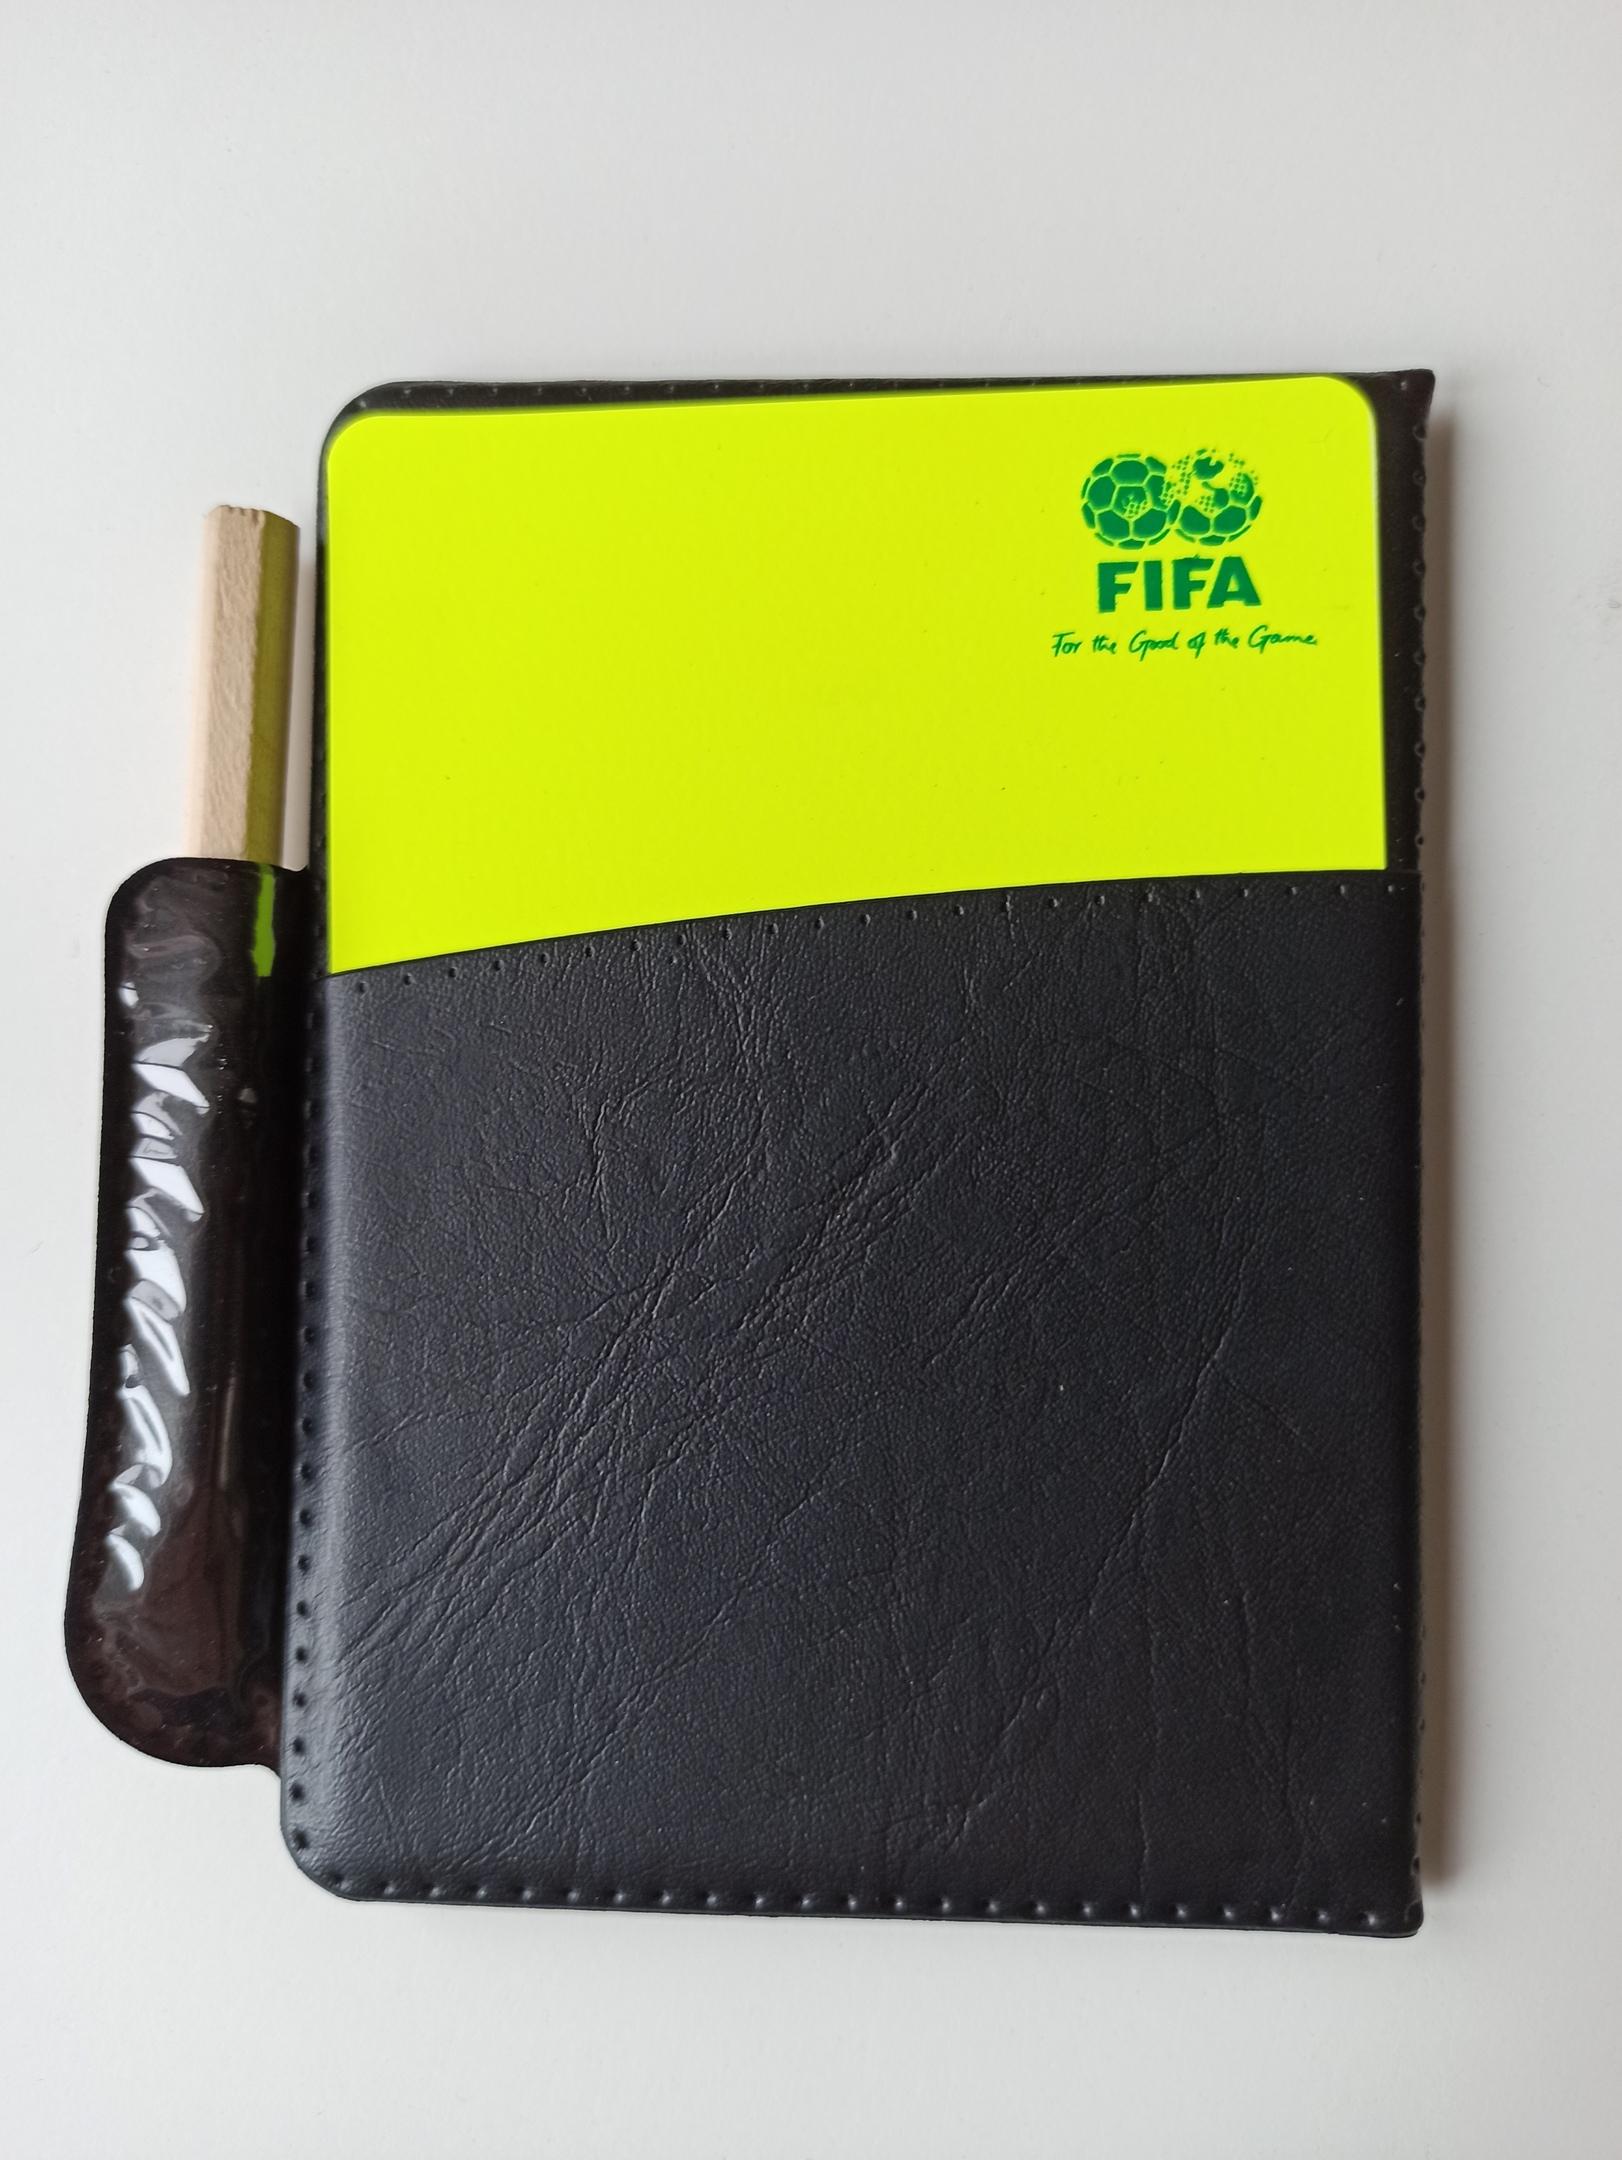 товары для футбола, футбольный инвентарь товары для судьи, арбитра, судейский инвентарь купить в самаре в наличии